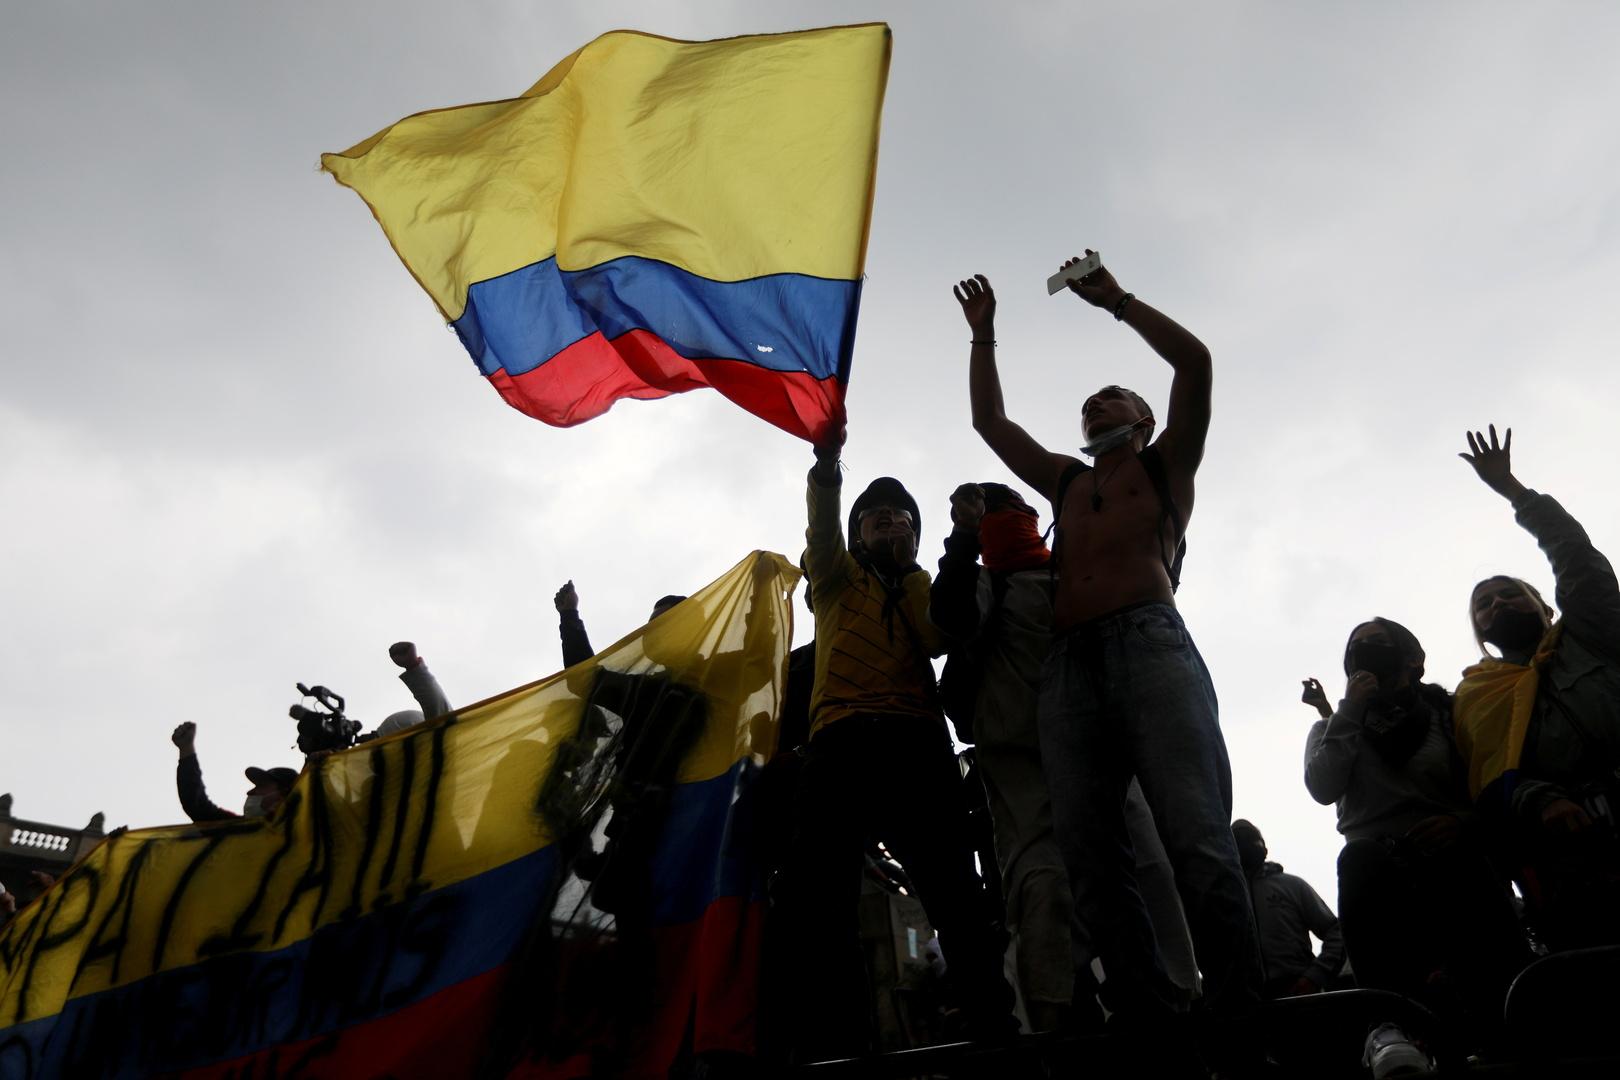 17 قتيلا وأكثر من 800 جريح خلال التظاهرات الأخيرة في كولومبيا